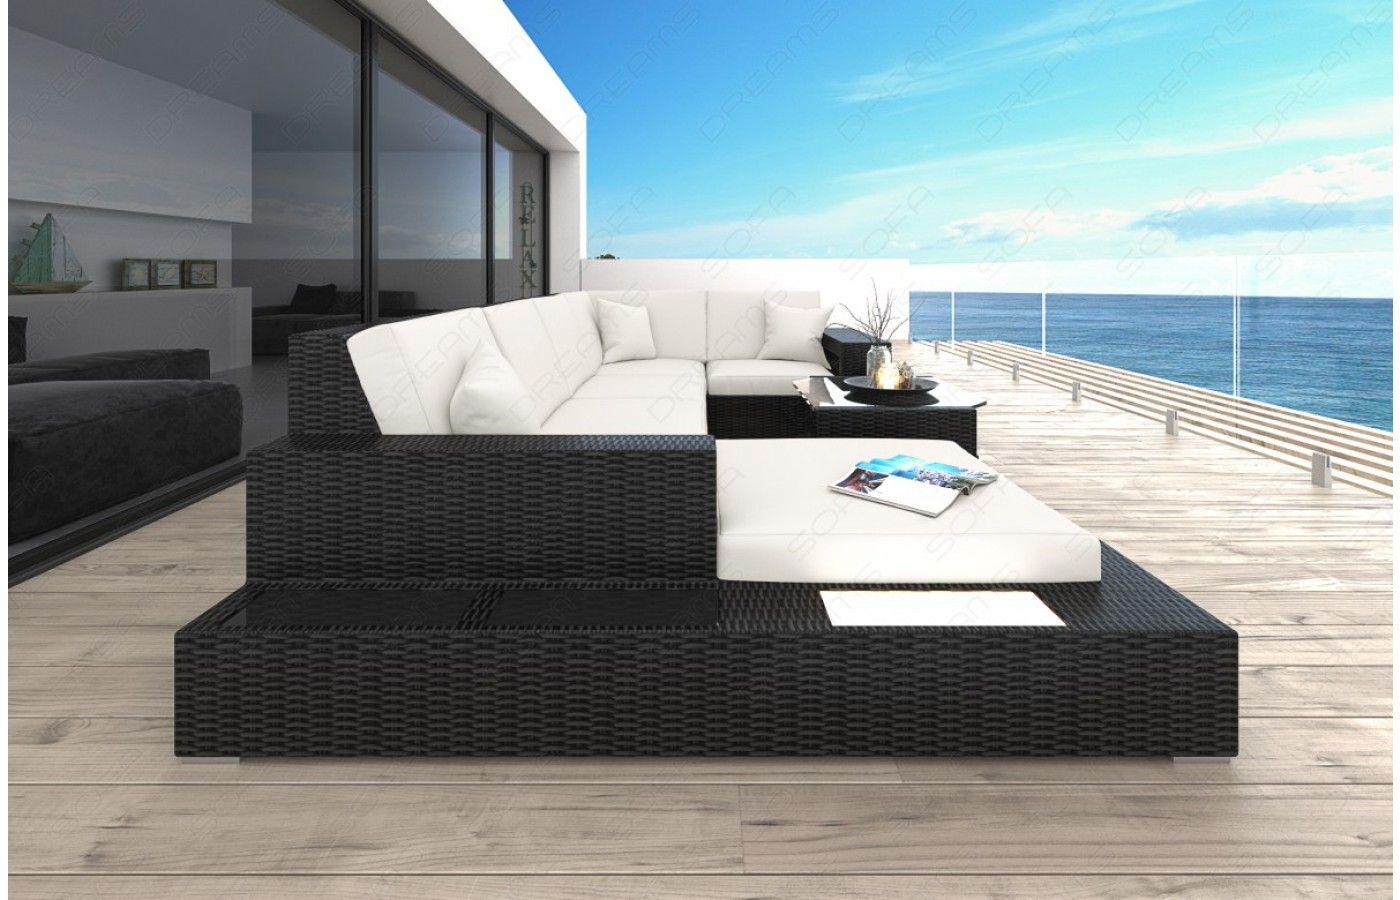 Designermöbel sofa  Rattan #Sofa #Lounge MESSANA für den Außenbereich mit #LED ...